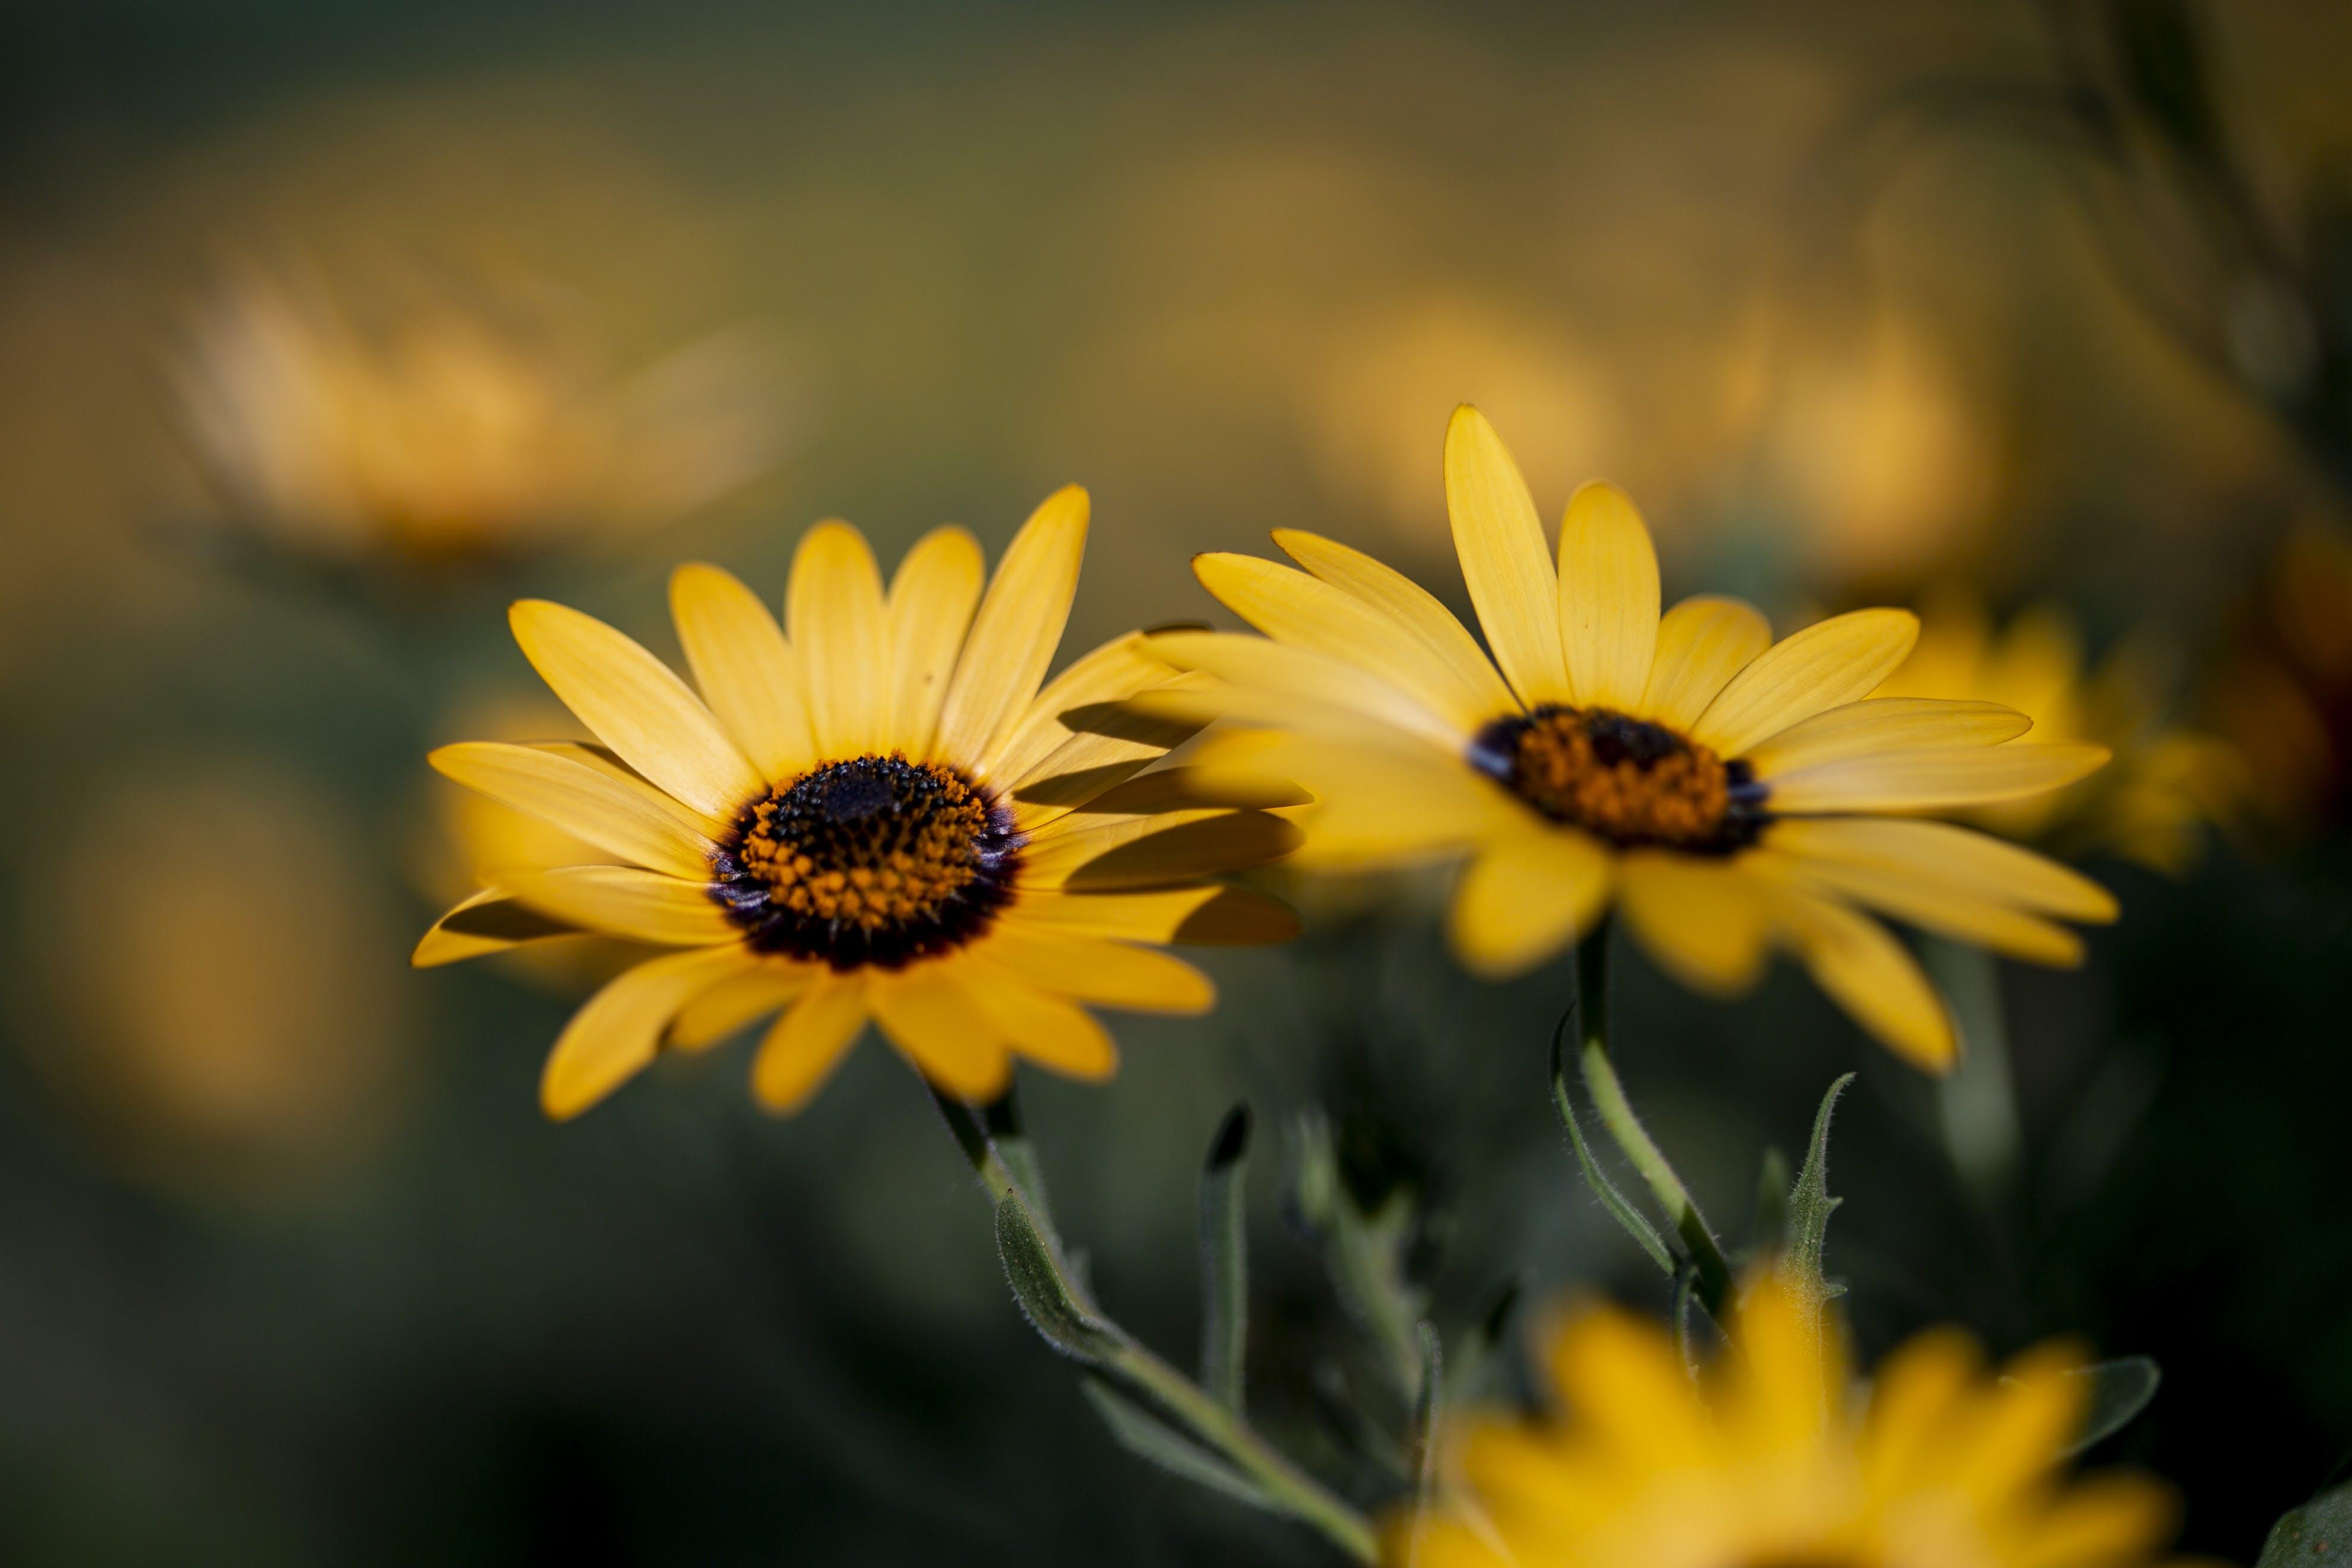 Free stock photo of flowers, yellow, yellow flowers, yellow flower